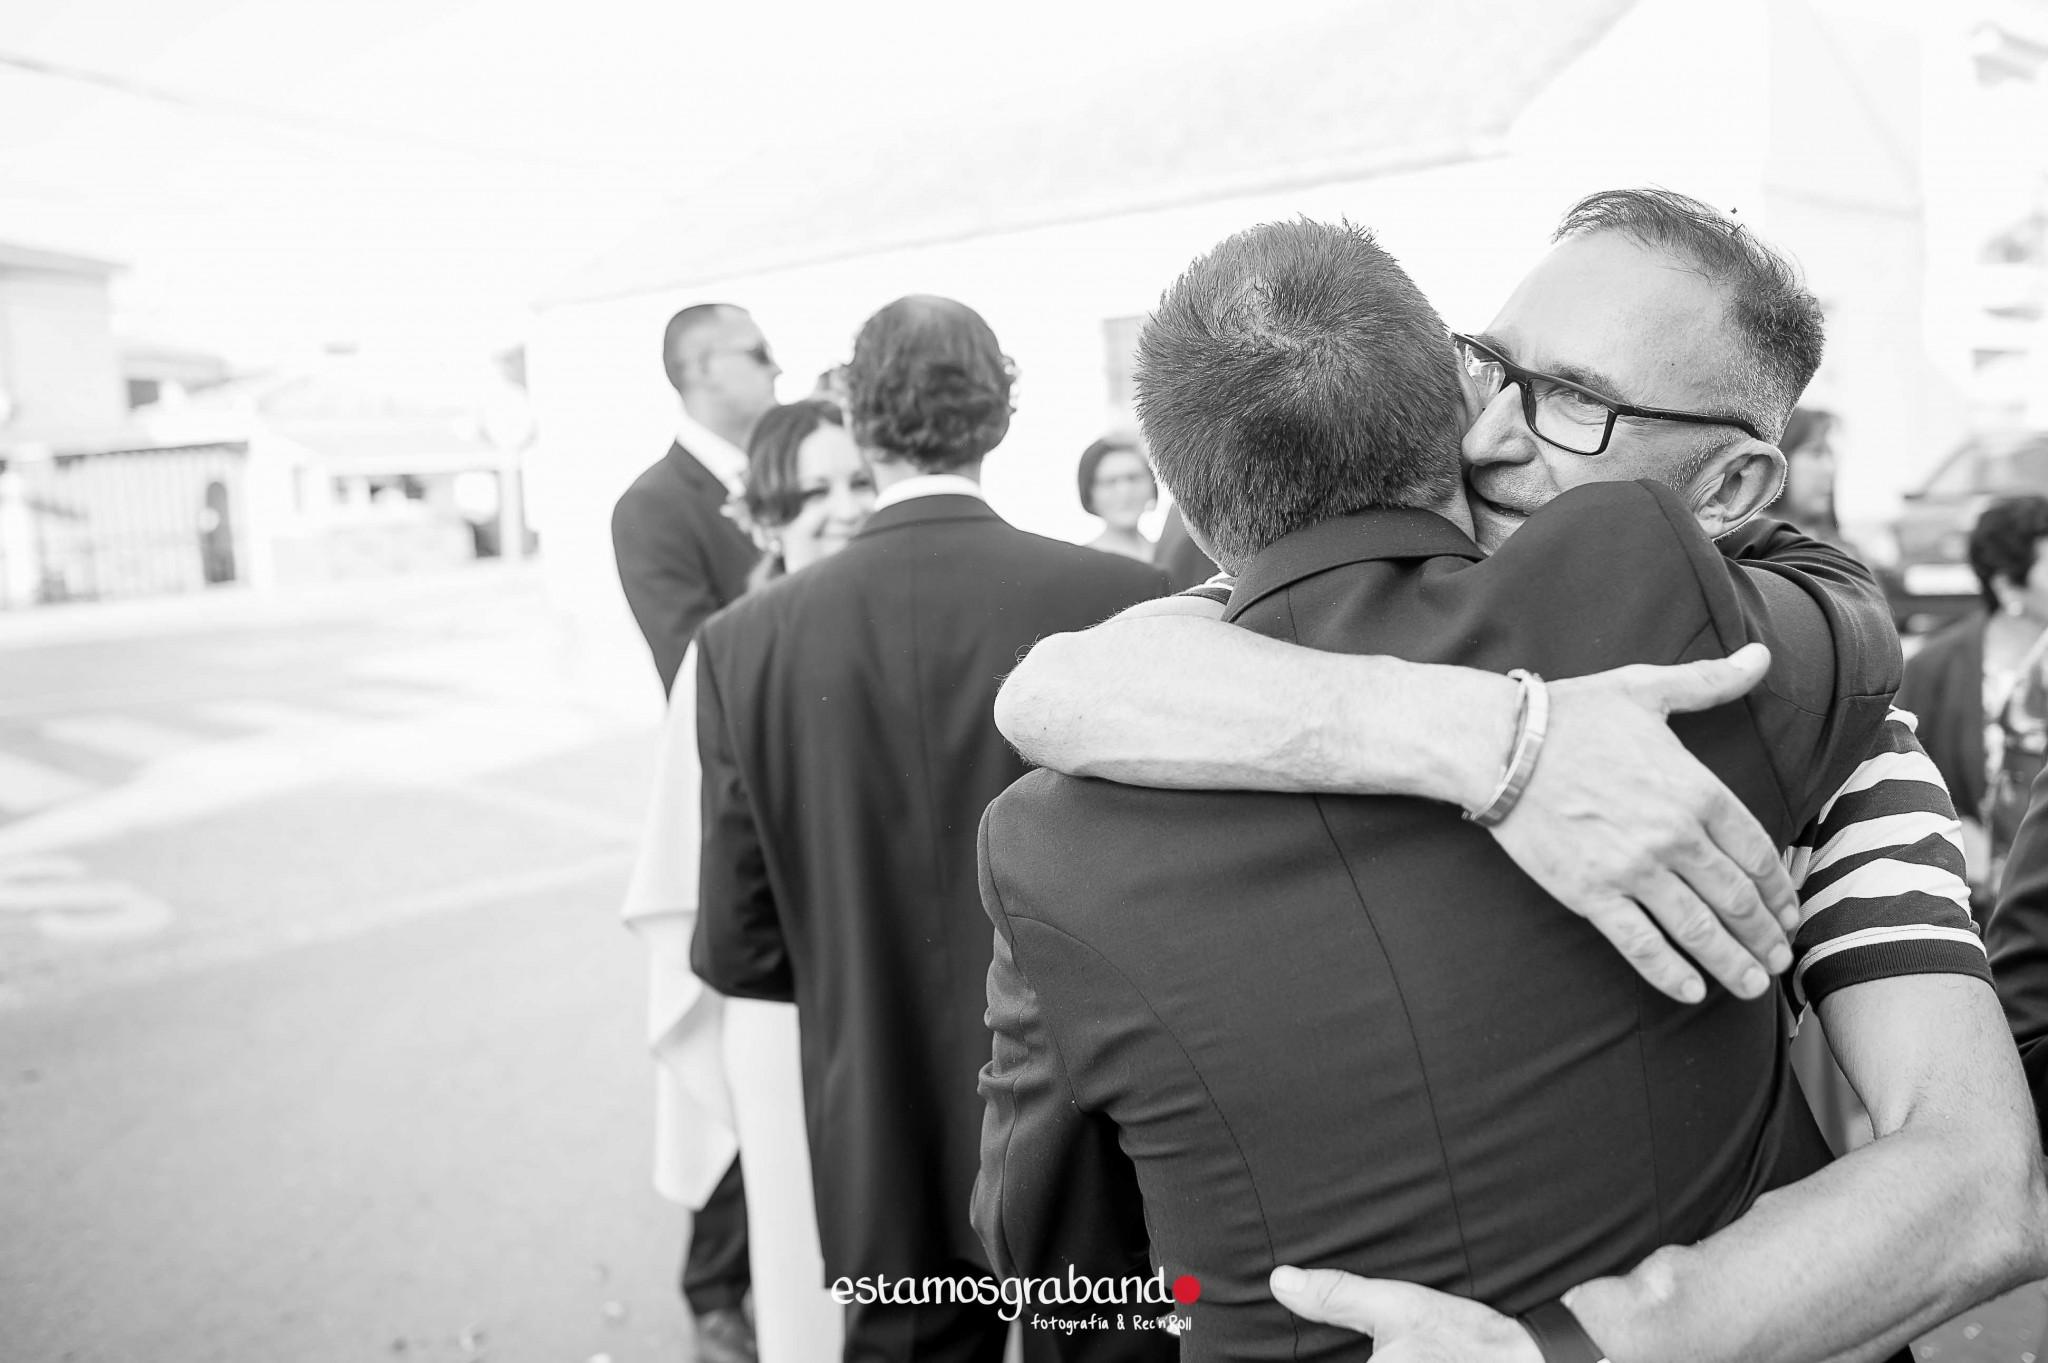 boda-en-chiclana_sonia-y-diego_fotograficc81a-de-boda-54 Zahara Sonia + Diego [Fotografía de Boda en Zahara] - video boda cadiz